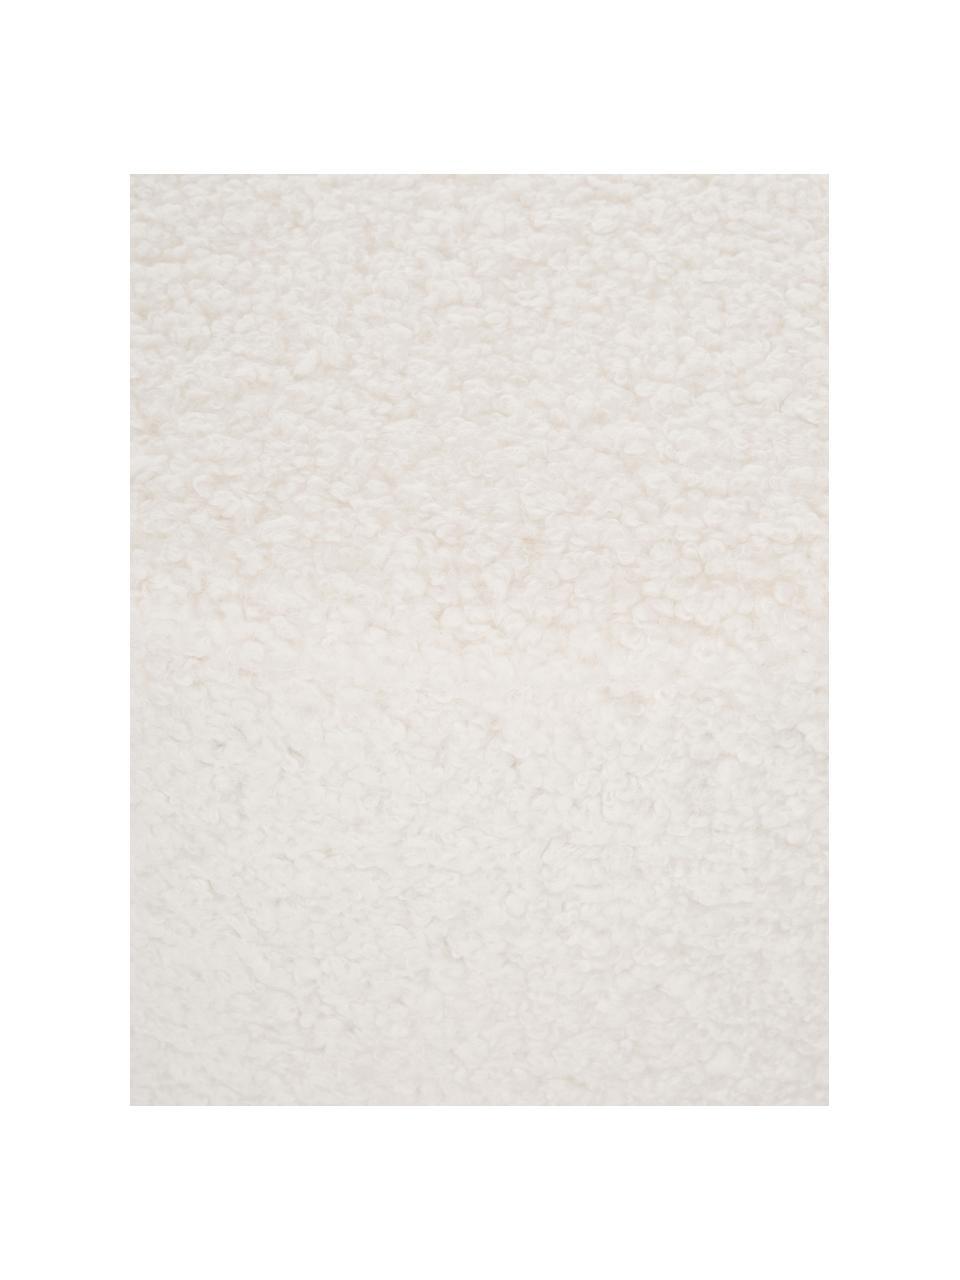 Teddy poef Daisy, Bekleding: polyester (teddyvacht), Frame: multiplex, Teddy crèmewit, Ø 54 x H 38 cm